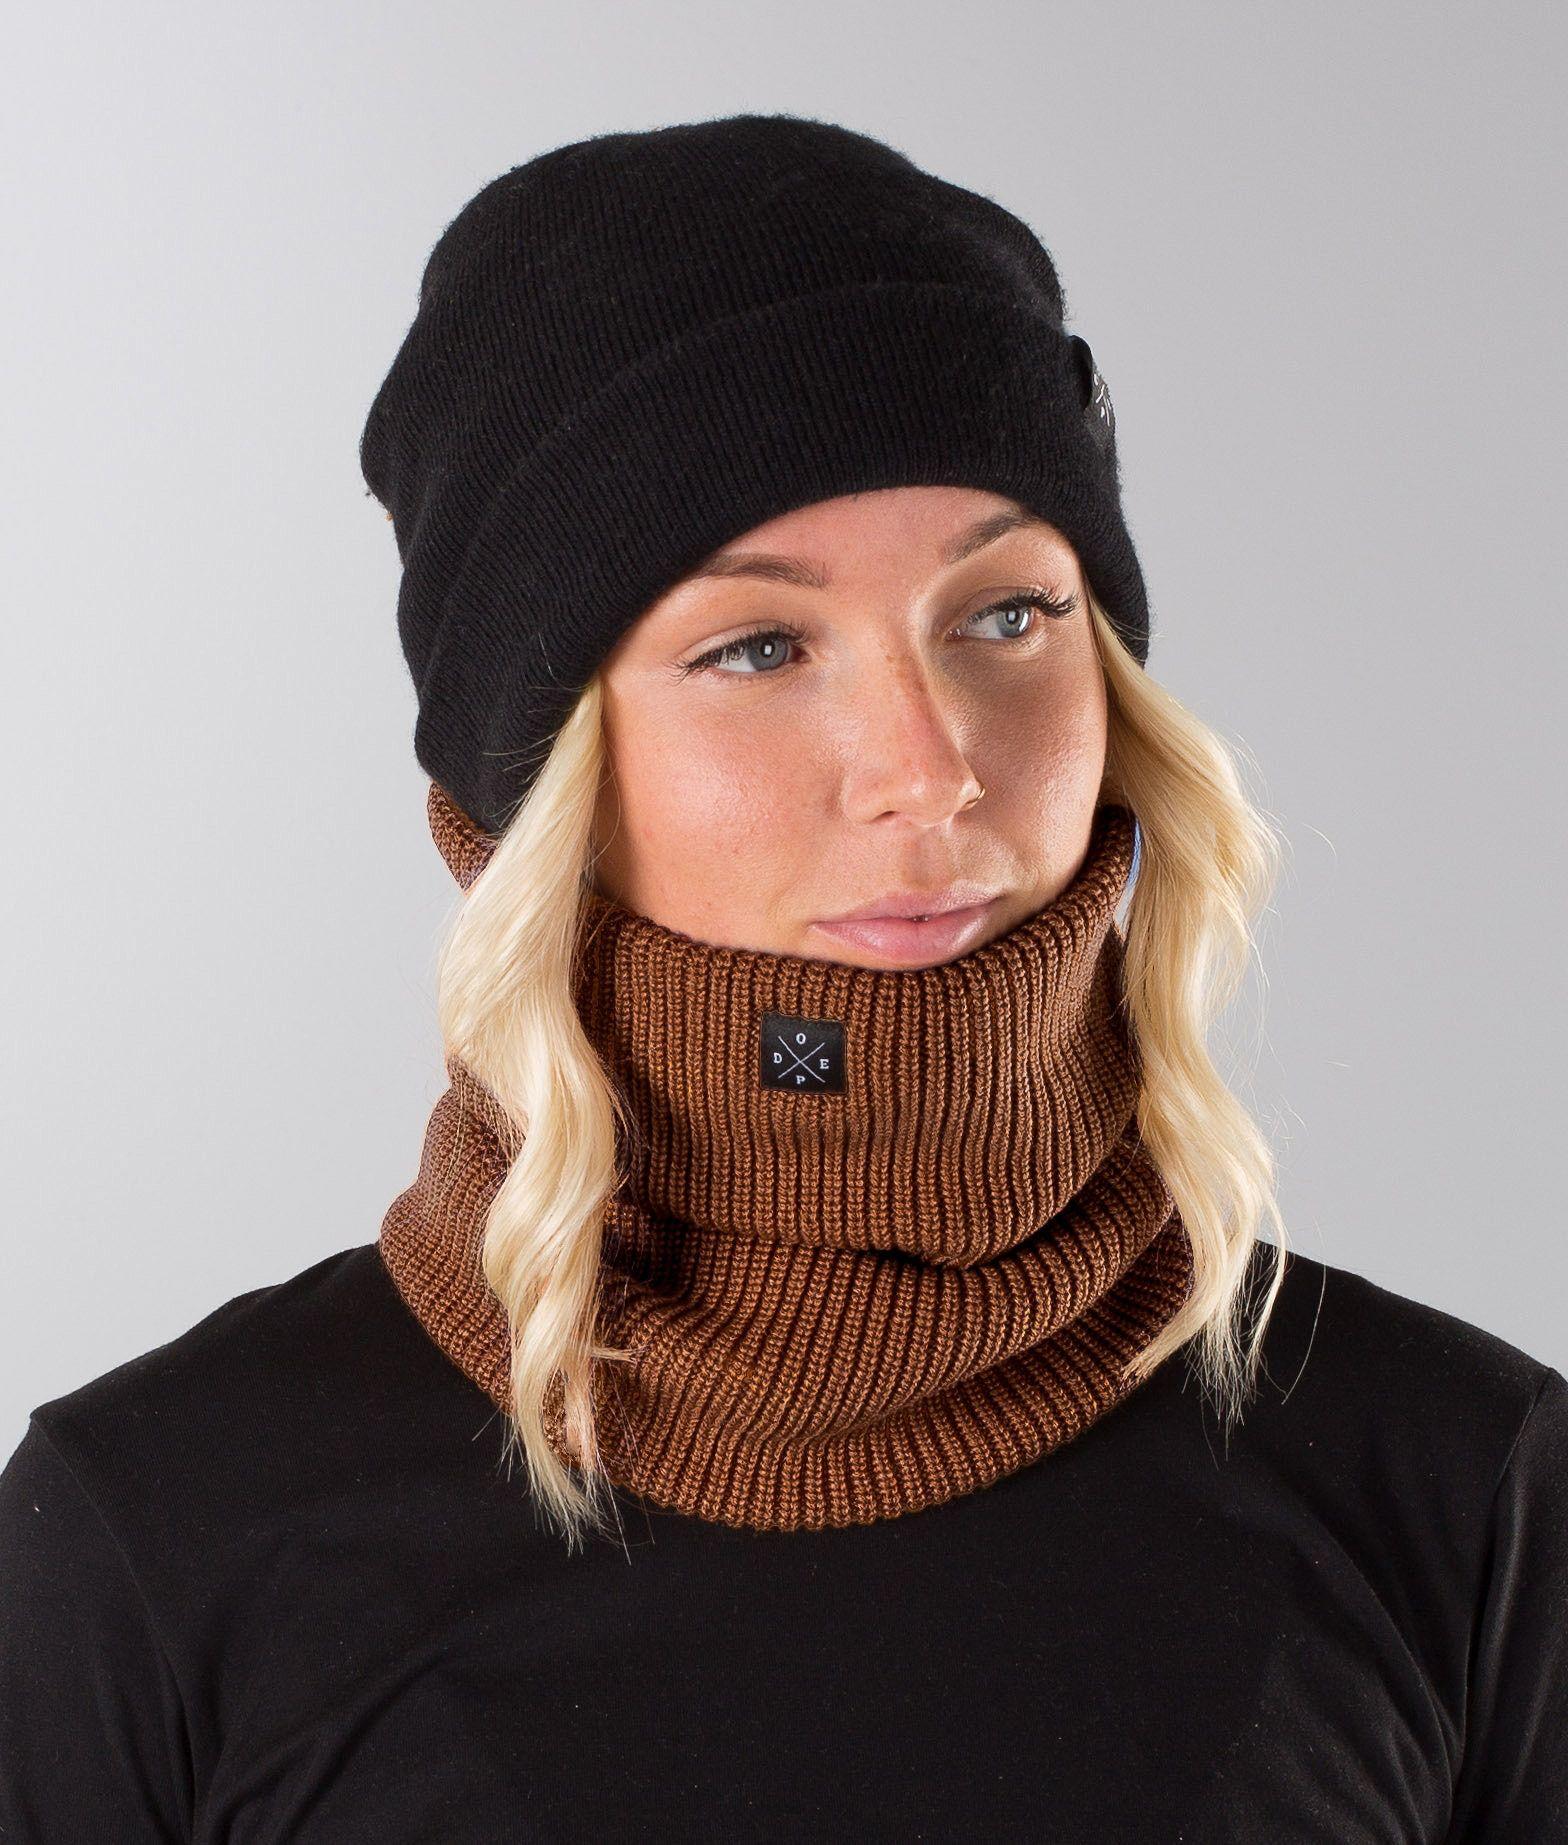 Snowboard Neckwarmer Neck Warmer Knitted Hats Fashion